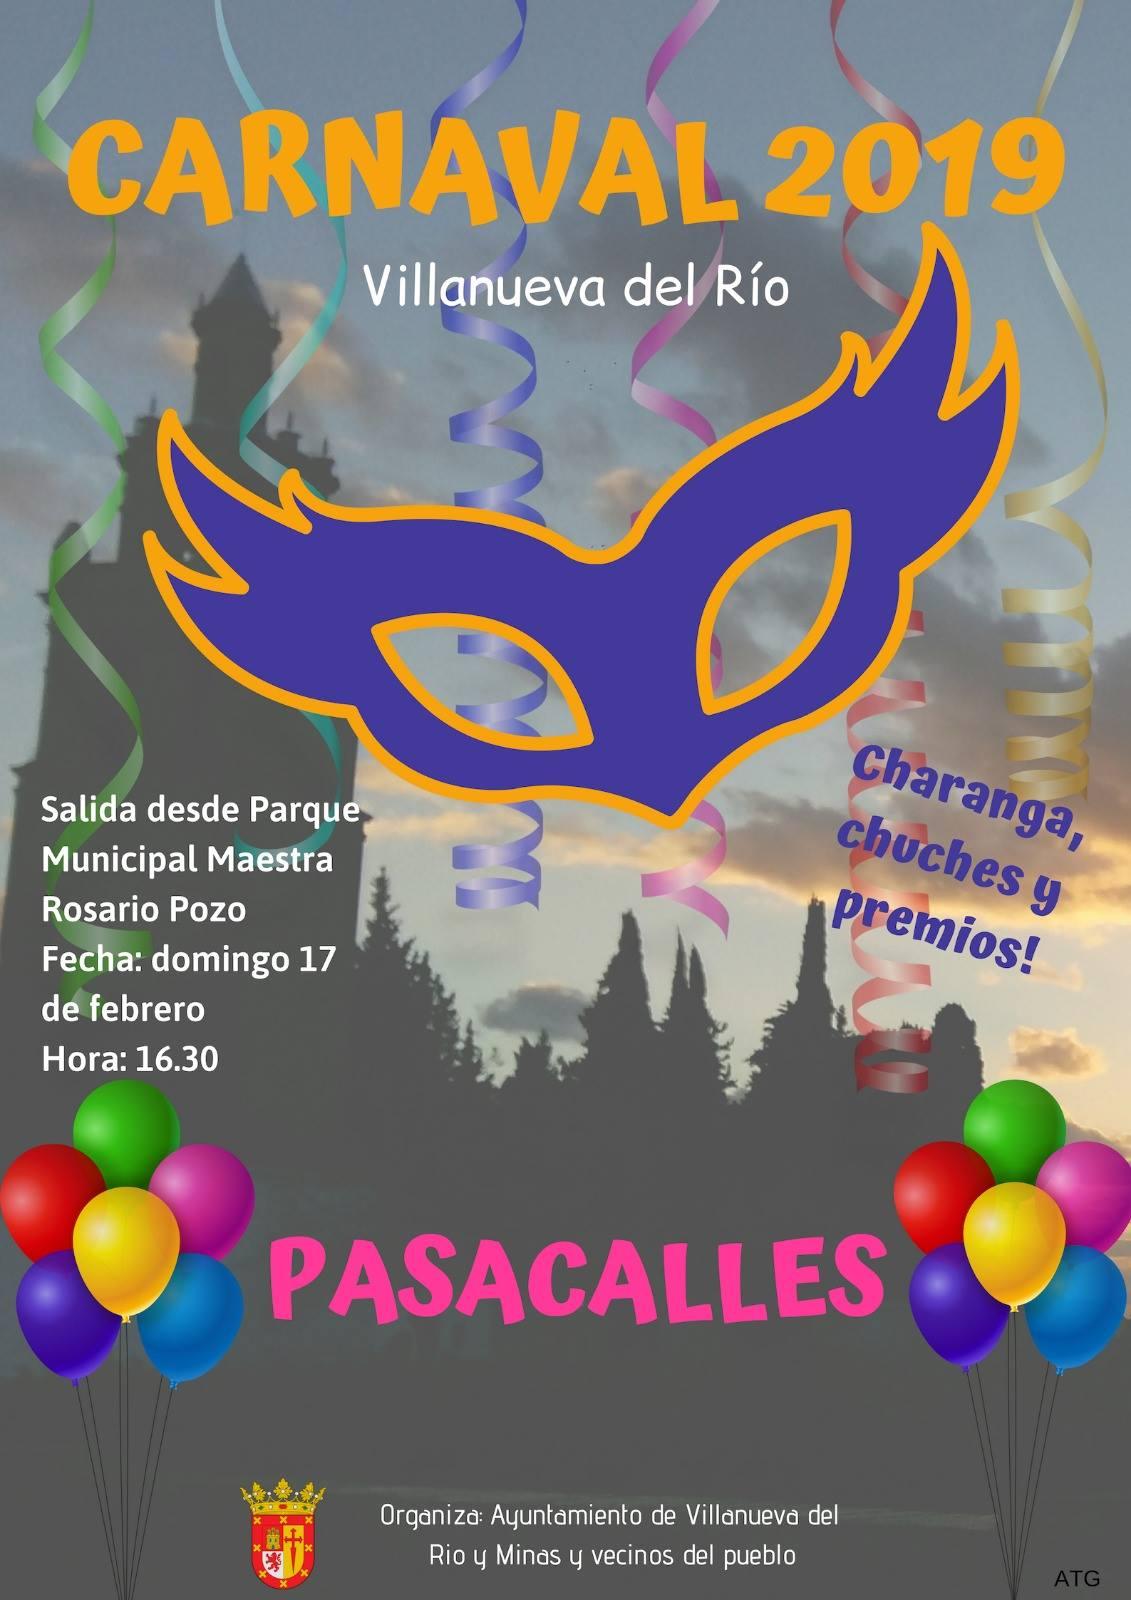 CARNAVAL 2019 en Villanueva del Río